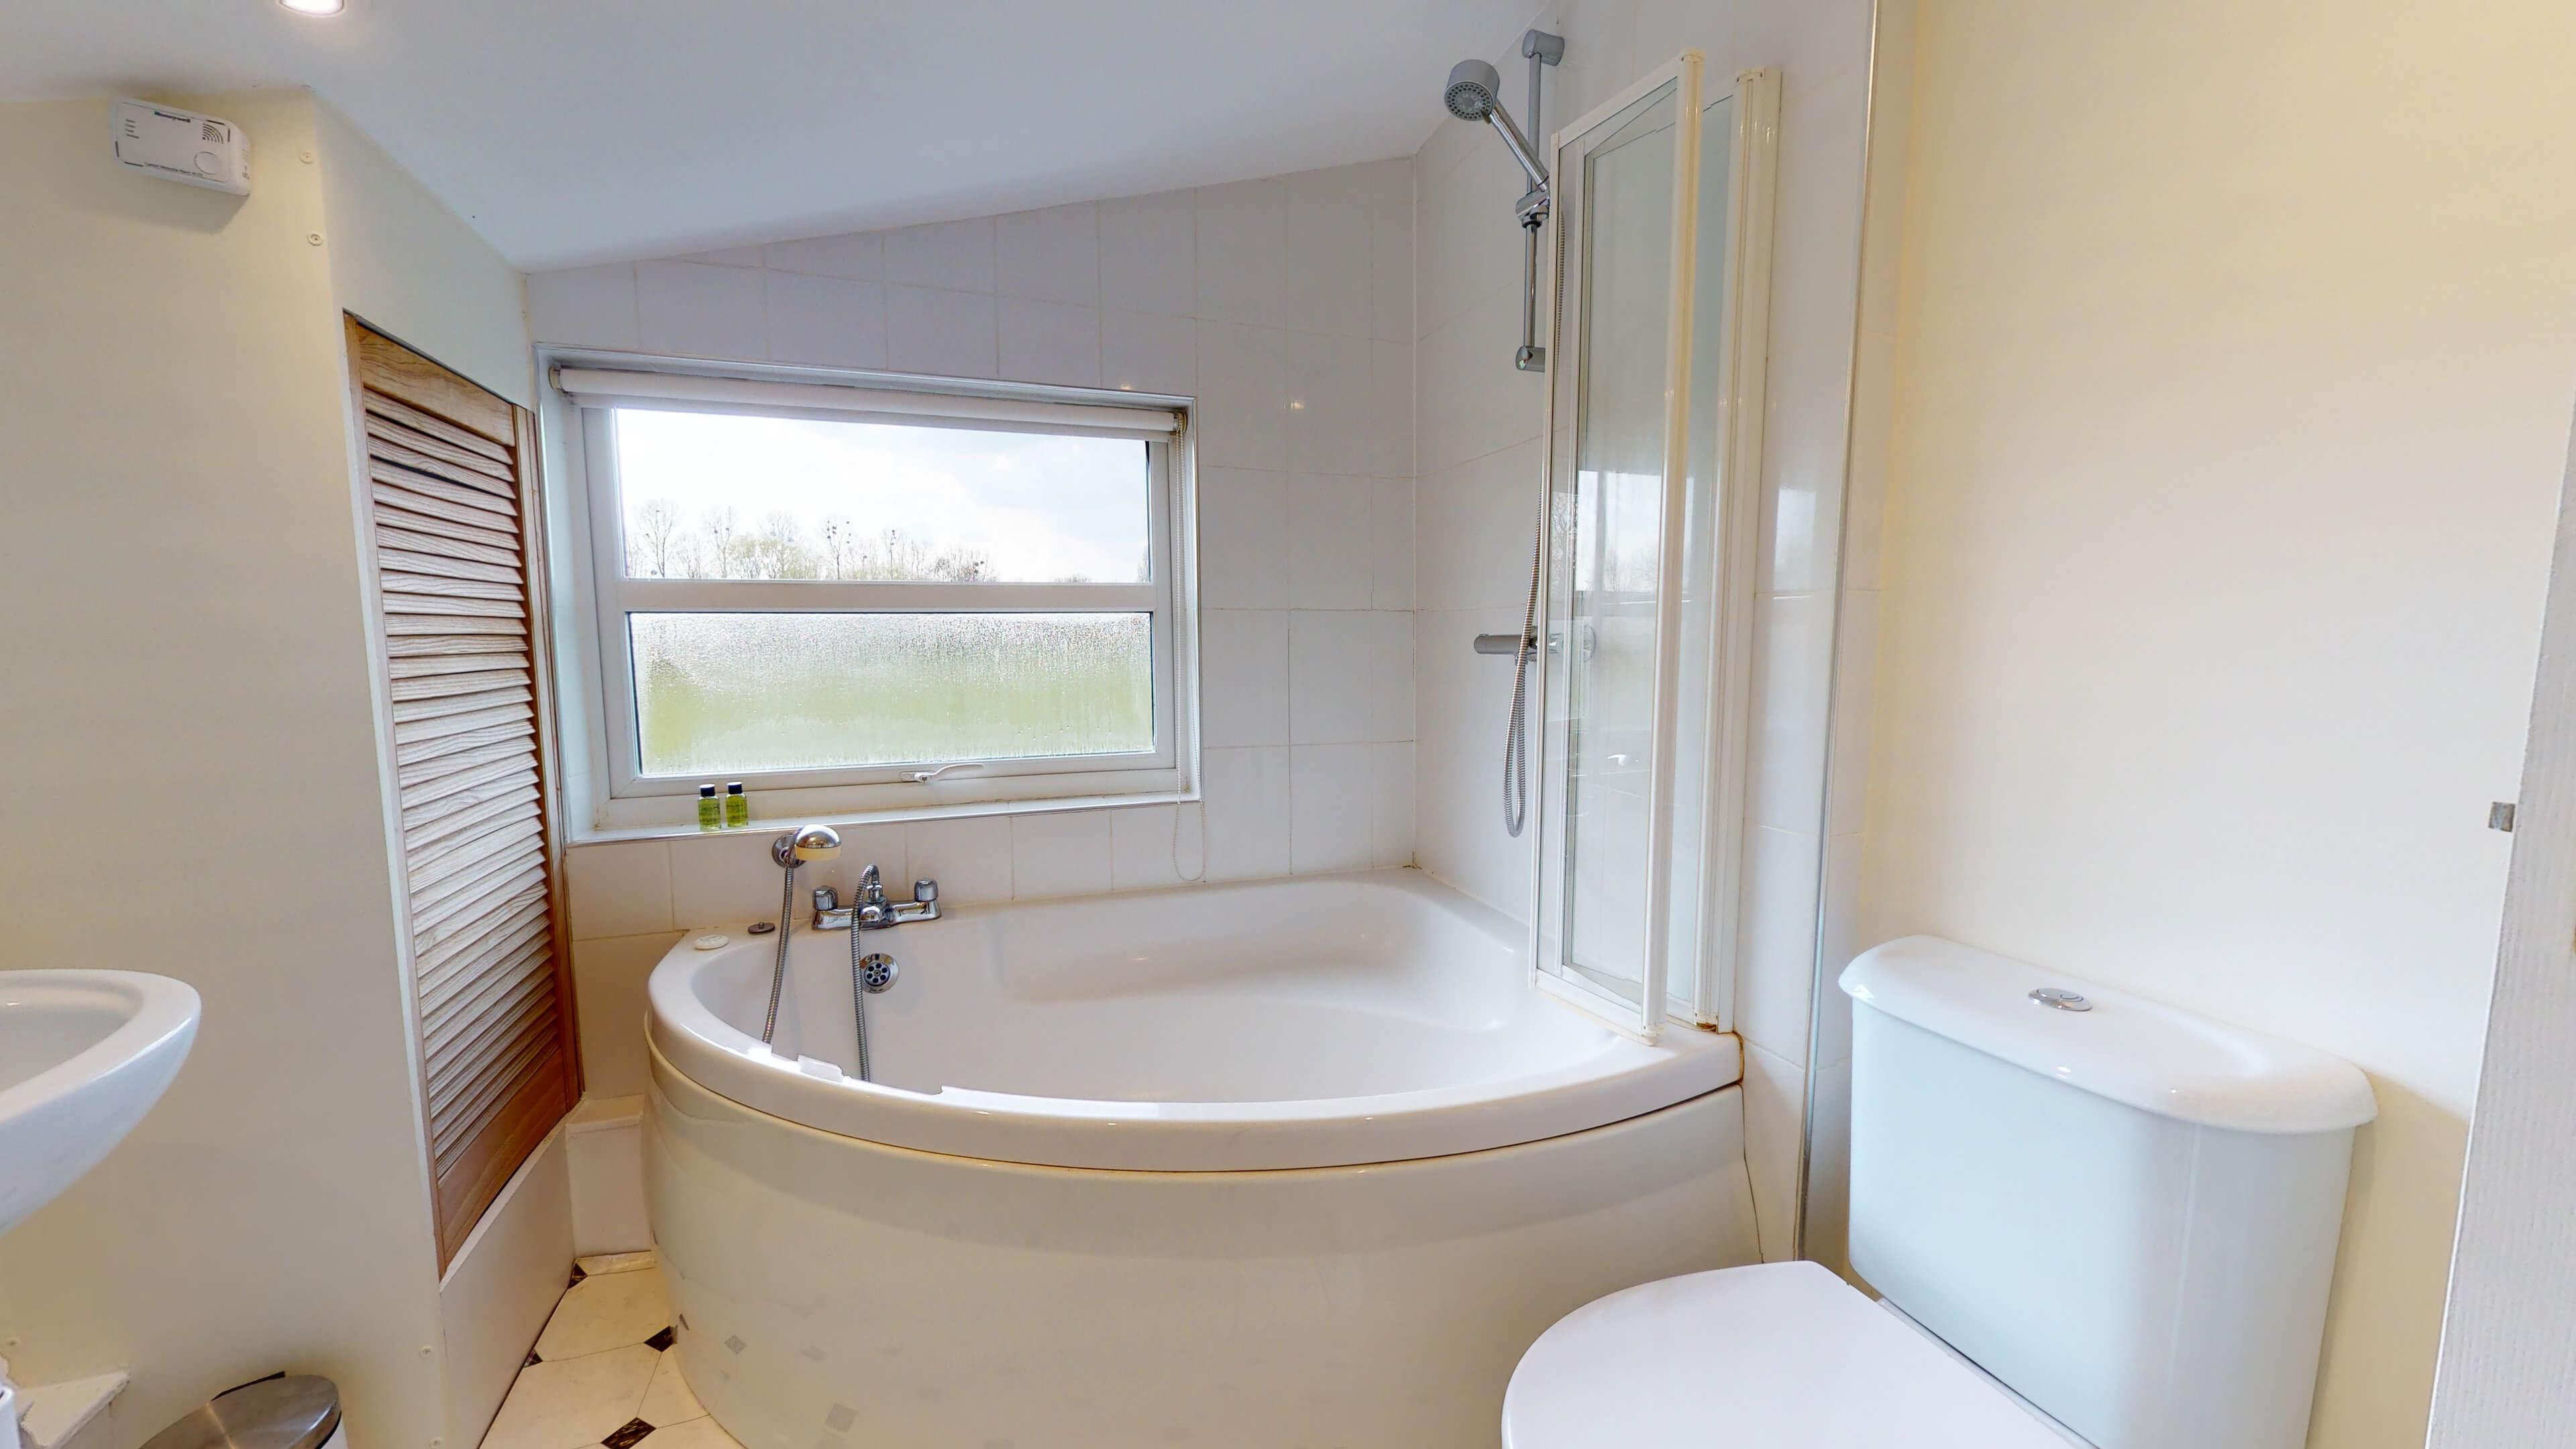 Marlborough Road Marlborough Road Bathroom